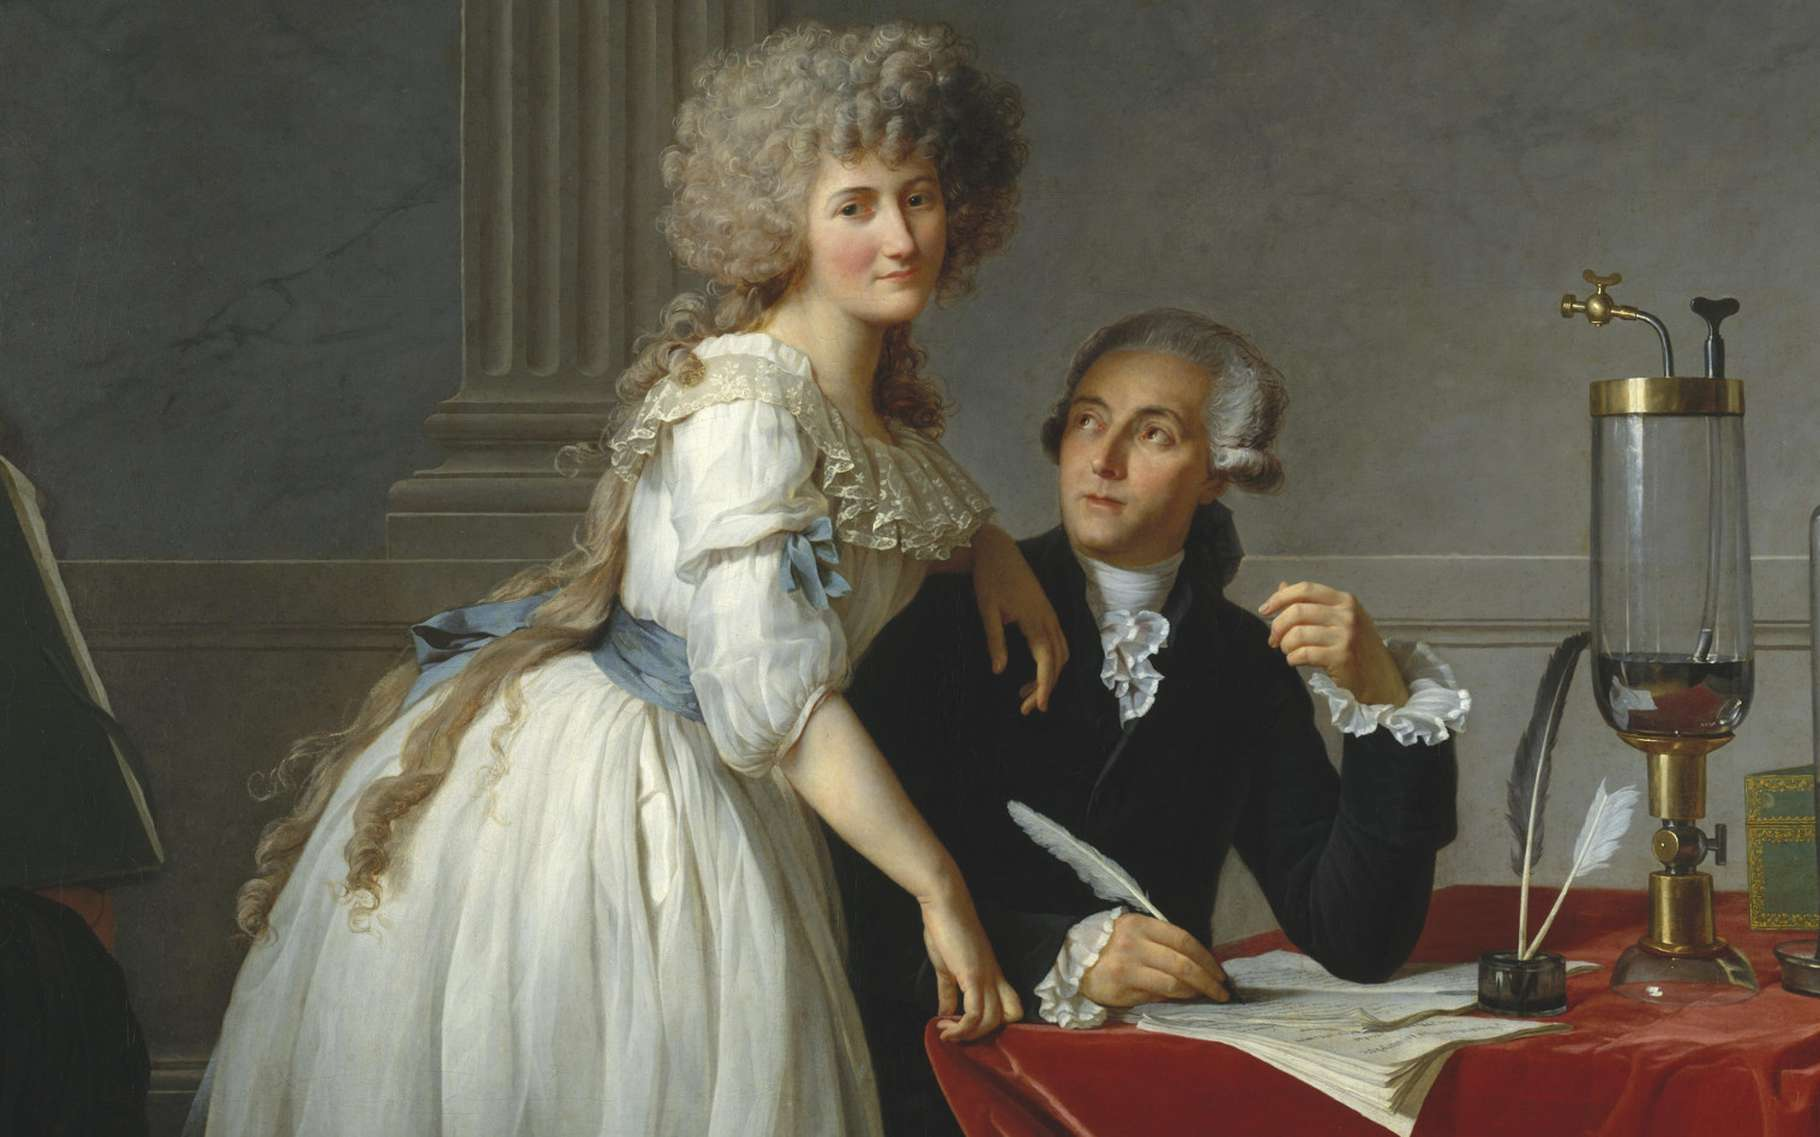 Antoine Lavoisier est considéré comme le père de la chimie moderne. Il est représenté accompagné de sa femme, Marie-Anne Lavoisier, sur ce portrait réalisé par Jacques-Louis David en 1788. © Wikimedia Commons, DP